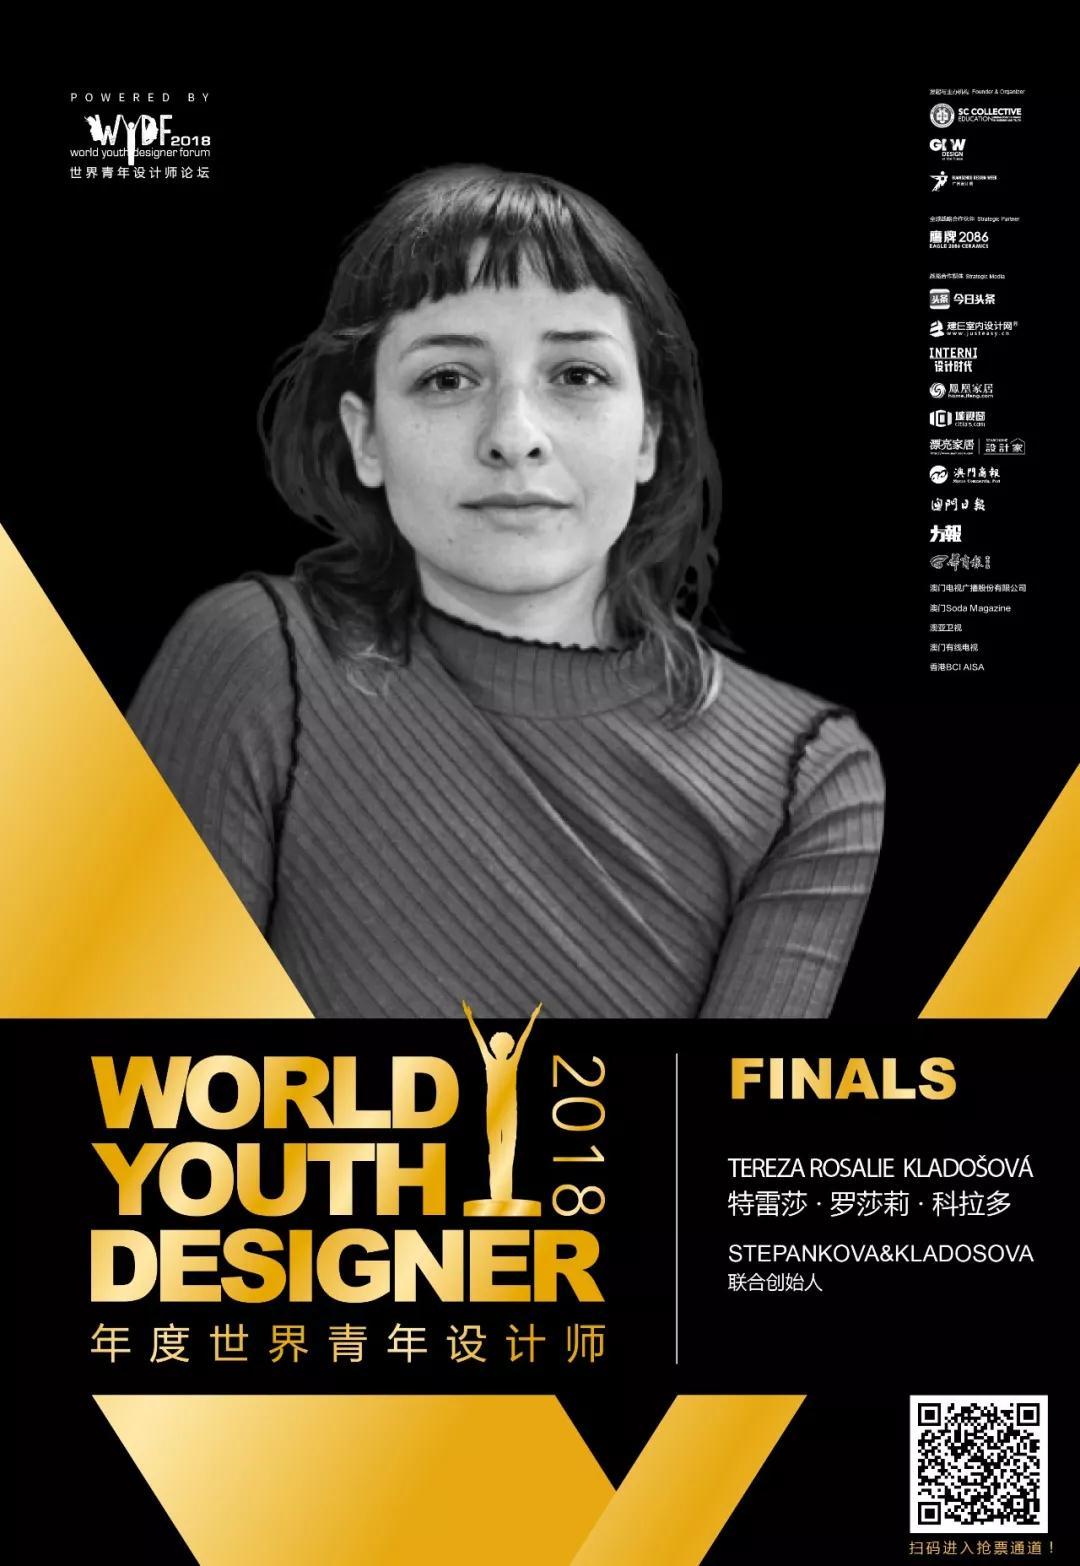 代表女性设计师发声的欧洲候选人Tereza Rosalie Kladoš,11月27日决战WYDF2018年度青